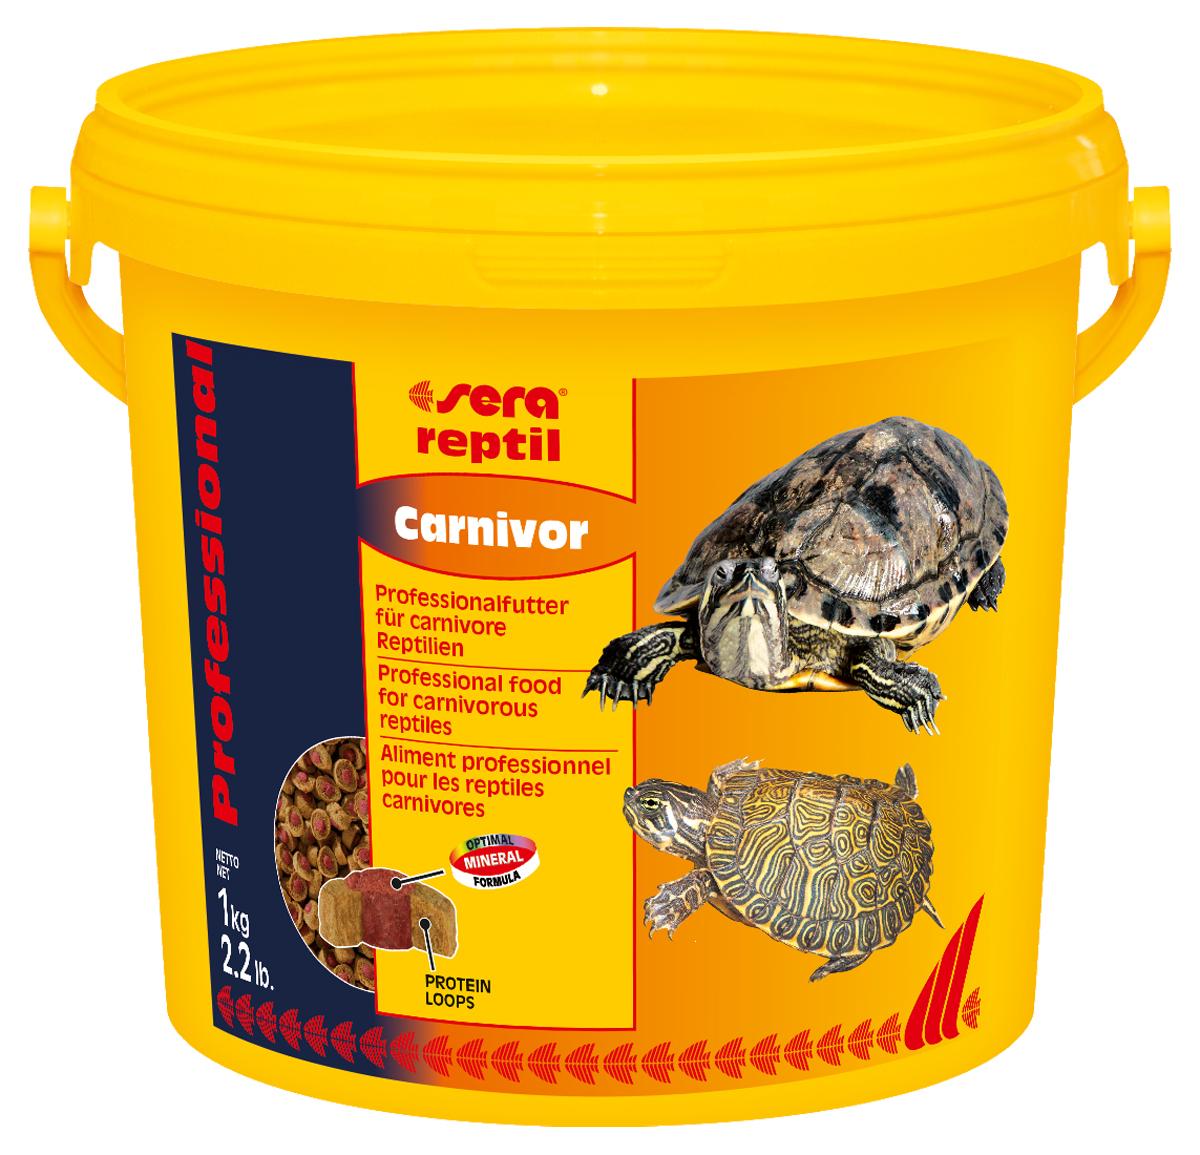 Корм для рептилий Sera Reptil Professional Carnivor, 3,8 л (1 кг)130.4.021Корм для рептилий Sera Reptil Professional Carnivor - комплексный корм для водных черепах и других плотоядных рептилий, произведенный методом коэкструзии. Инновационный коэкструдат объединяет в себе вкусную оболочку - кольцо, в котором содержатся высококачественные белки и жиры, и сердцевину, произведенную с помощью щадящего низкотемпературного процесса, сохраняющего ценные питательные вещества, с высоким содержанием необходимых витаминов, минералов и других жизненно важных веществ. Оптимальное соотношение кальция и фосфора обеспечивает здоровый рост костей и панциря животных. Инструкция по применению: Кормить экономно. Смешать со свежим кормом в соответствии с потребностями животных. Ингредиенты: рыбная мука, кукурузный крахмал, пшеничная клейковина, пшеничная мука, пивные дрожжи, цельный яичный порошок, рыбий жир, гаммарус, морские водоросли, зеленые мидии, криль, чеснок. Аналитический состав: протеин 37,4%, жиры 6,2%, клетчатка 5,6%, влажность 5,2%, зольные вещества 7,5%, кальций 2,0%, фосфор 1,0%.Витамины и провитамины: витамин A 37.000 МЕ/кг, витамин D3 1.800 МЕ/кг, витамин E (D, L-а-tocopheryl acetate) 120 мг/кг, витамин B1 35 мг/кг, витамин B2 90 мг/кг, витамин C (L-ascorbyl monophosphate) 550 мг/кг. Микроэлементы: Fe (E1) 10,9 мг/кг, Cu (E4) 0,5 мг/кг, Mn (E5) 0,3 мг/кг, Zn (E6) 10,4 мг/кг. Содержит пищевые красители, допустимые в ЕС. Товар сертифицирован.